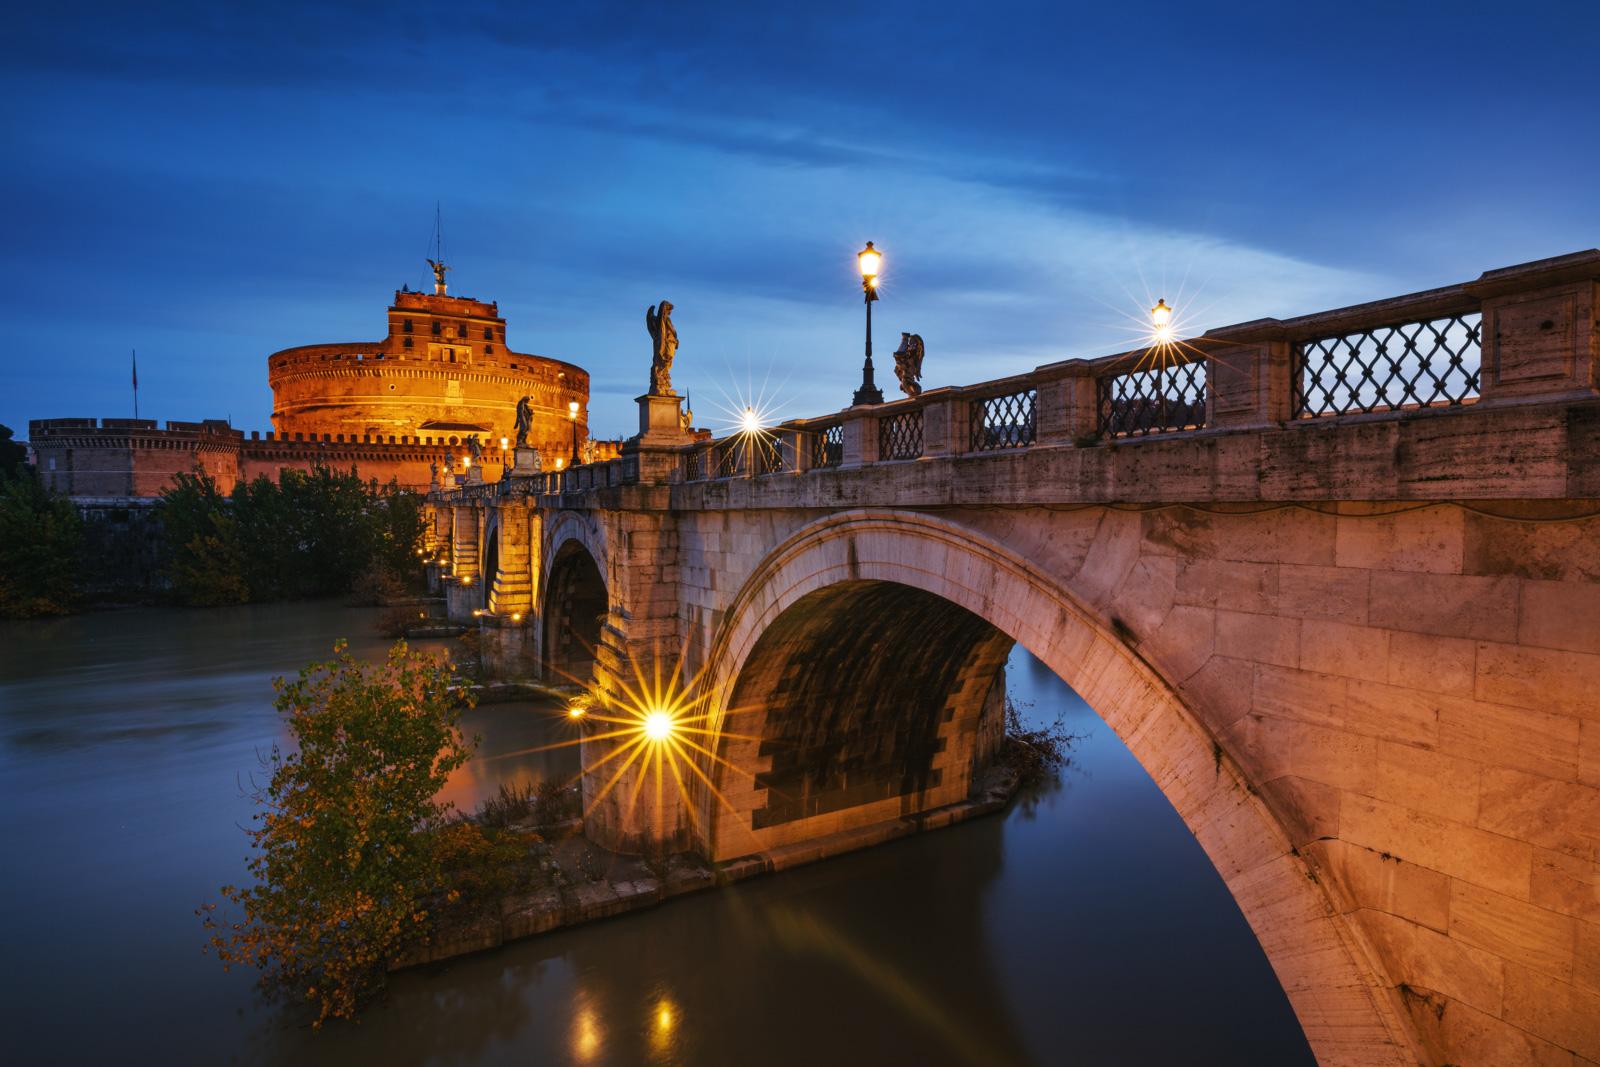 Rome...